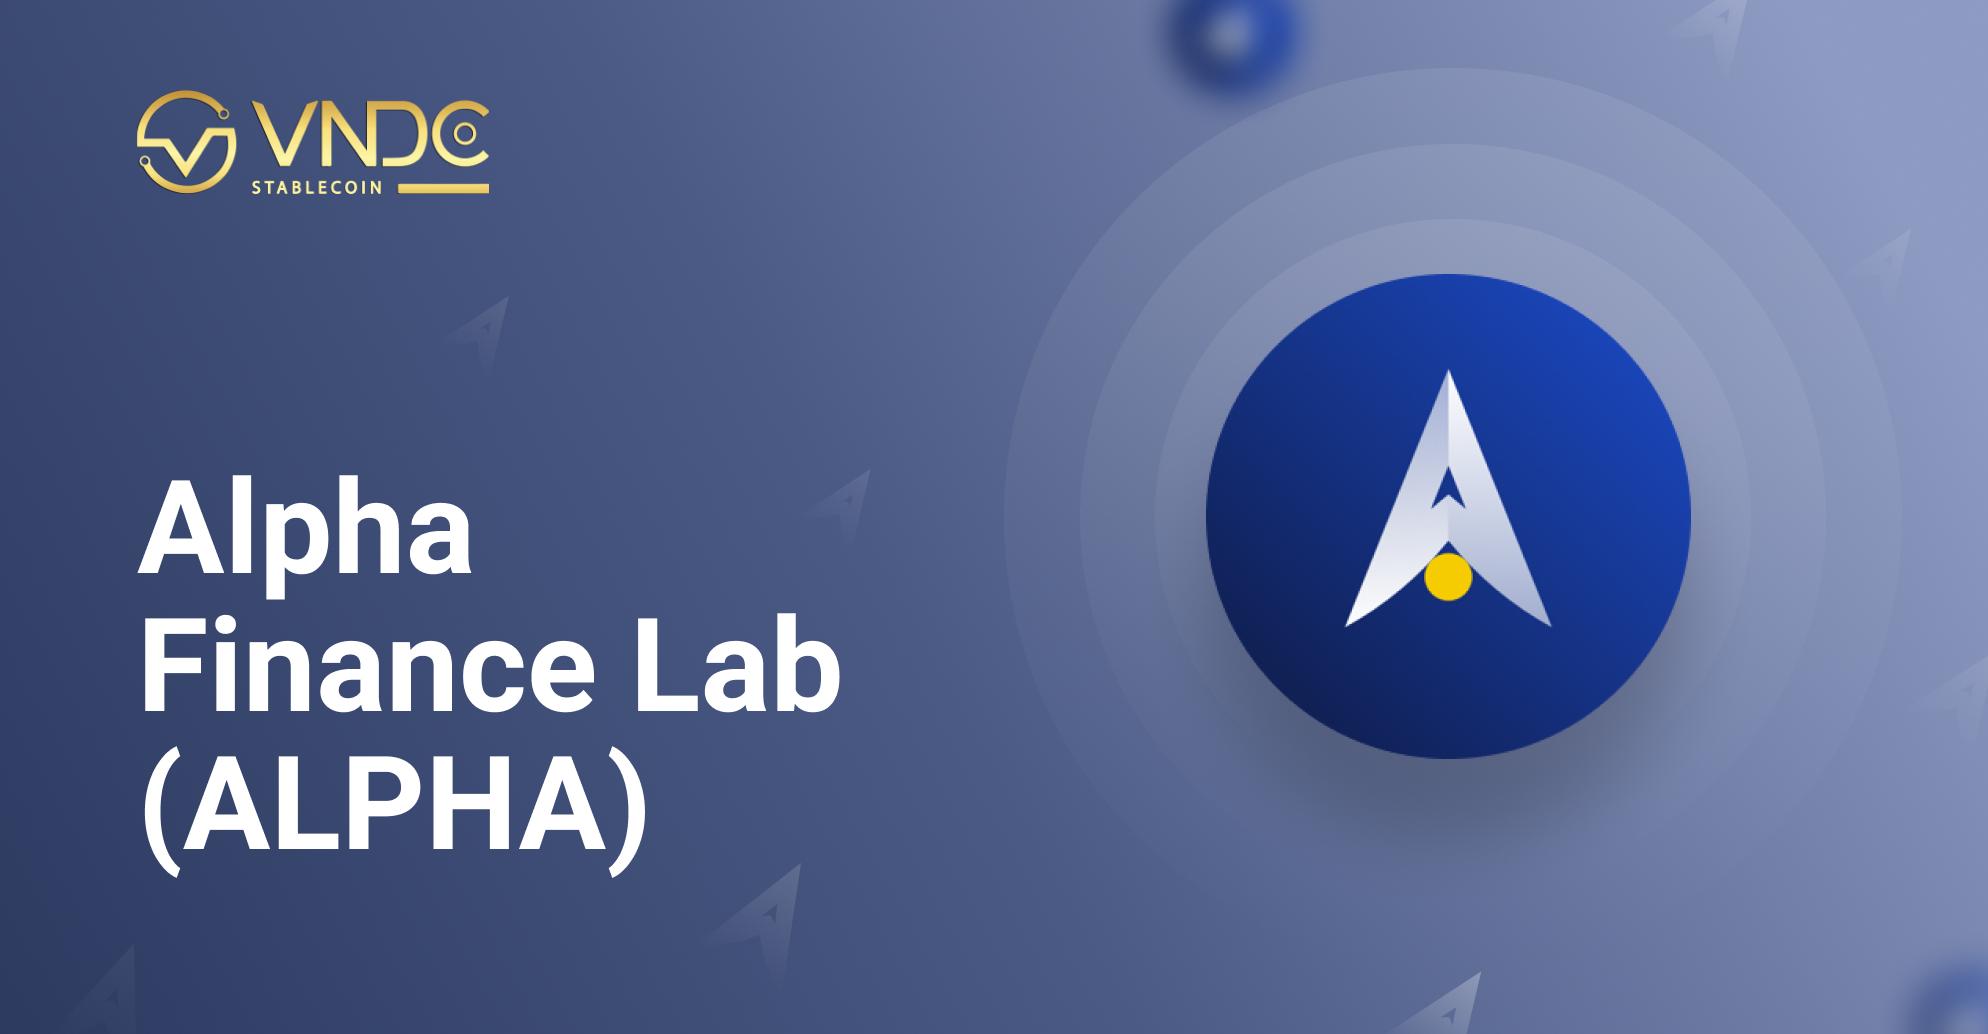 Chính thức niêm yết Alpha Finance Lab Token (ALPHA) trên VNDC Wallet ngày 26/04/2021